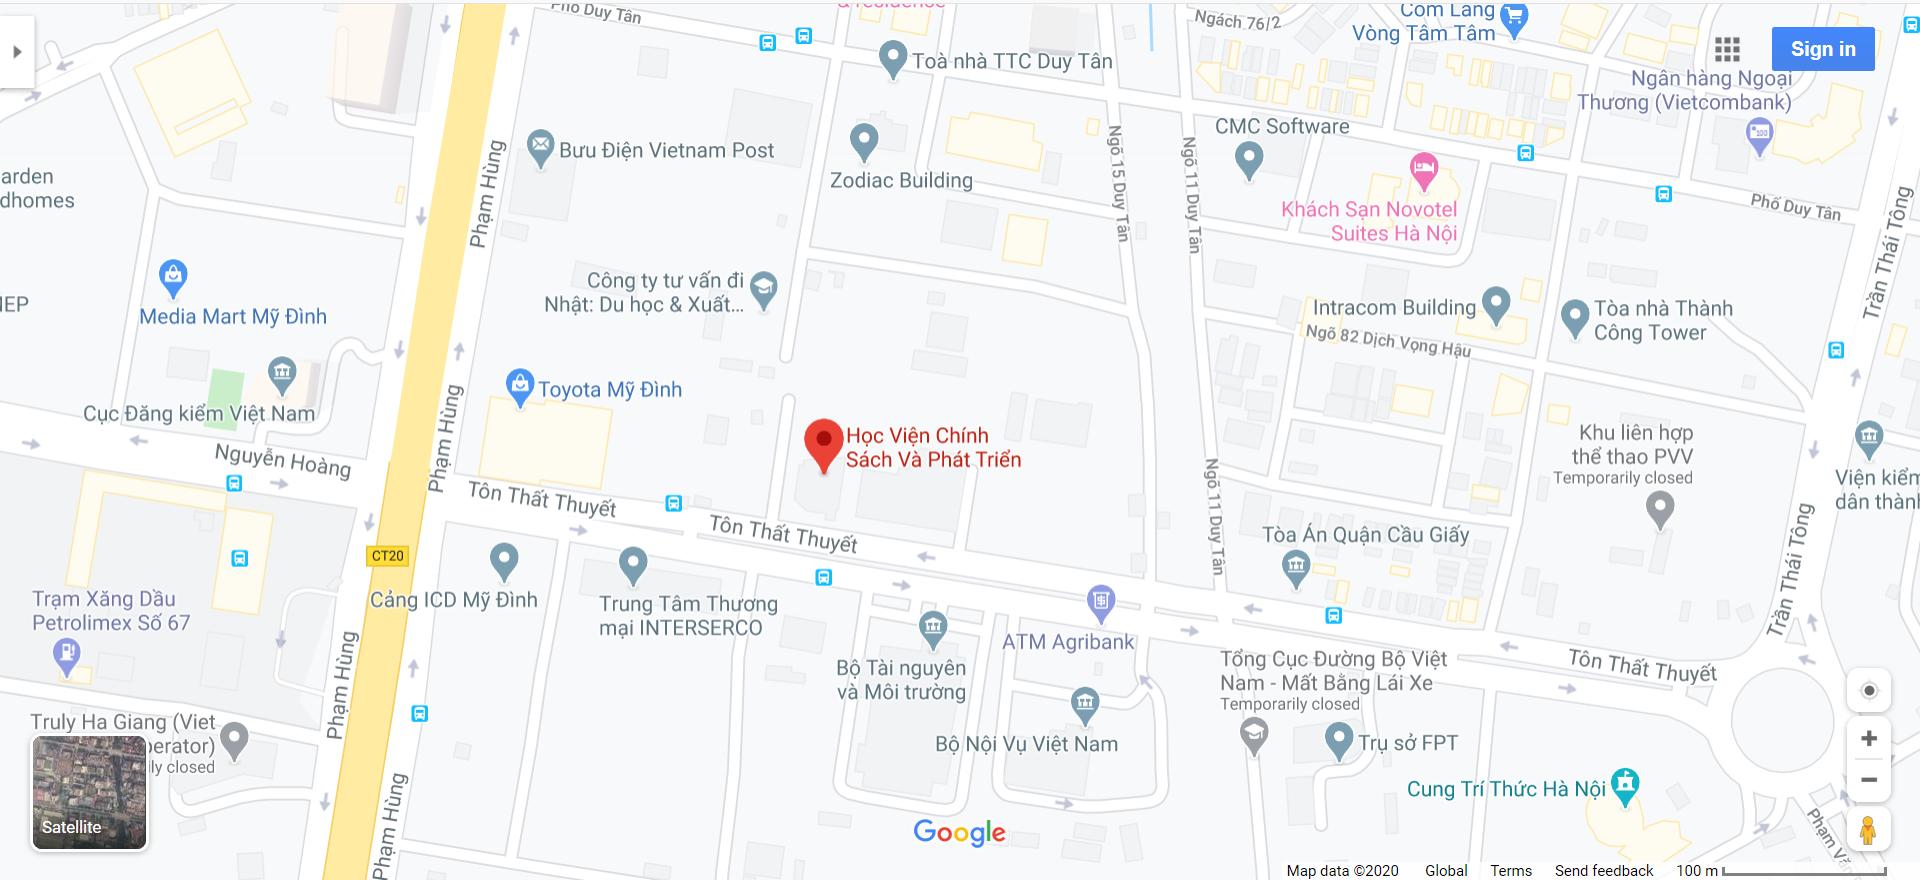 Bản đồ Học viện Chính sách và Phát triển